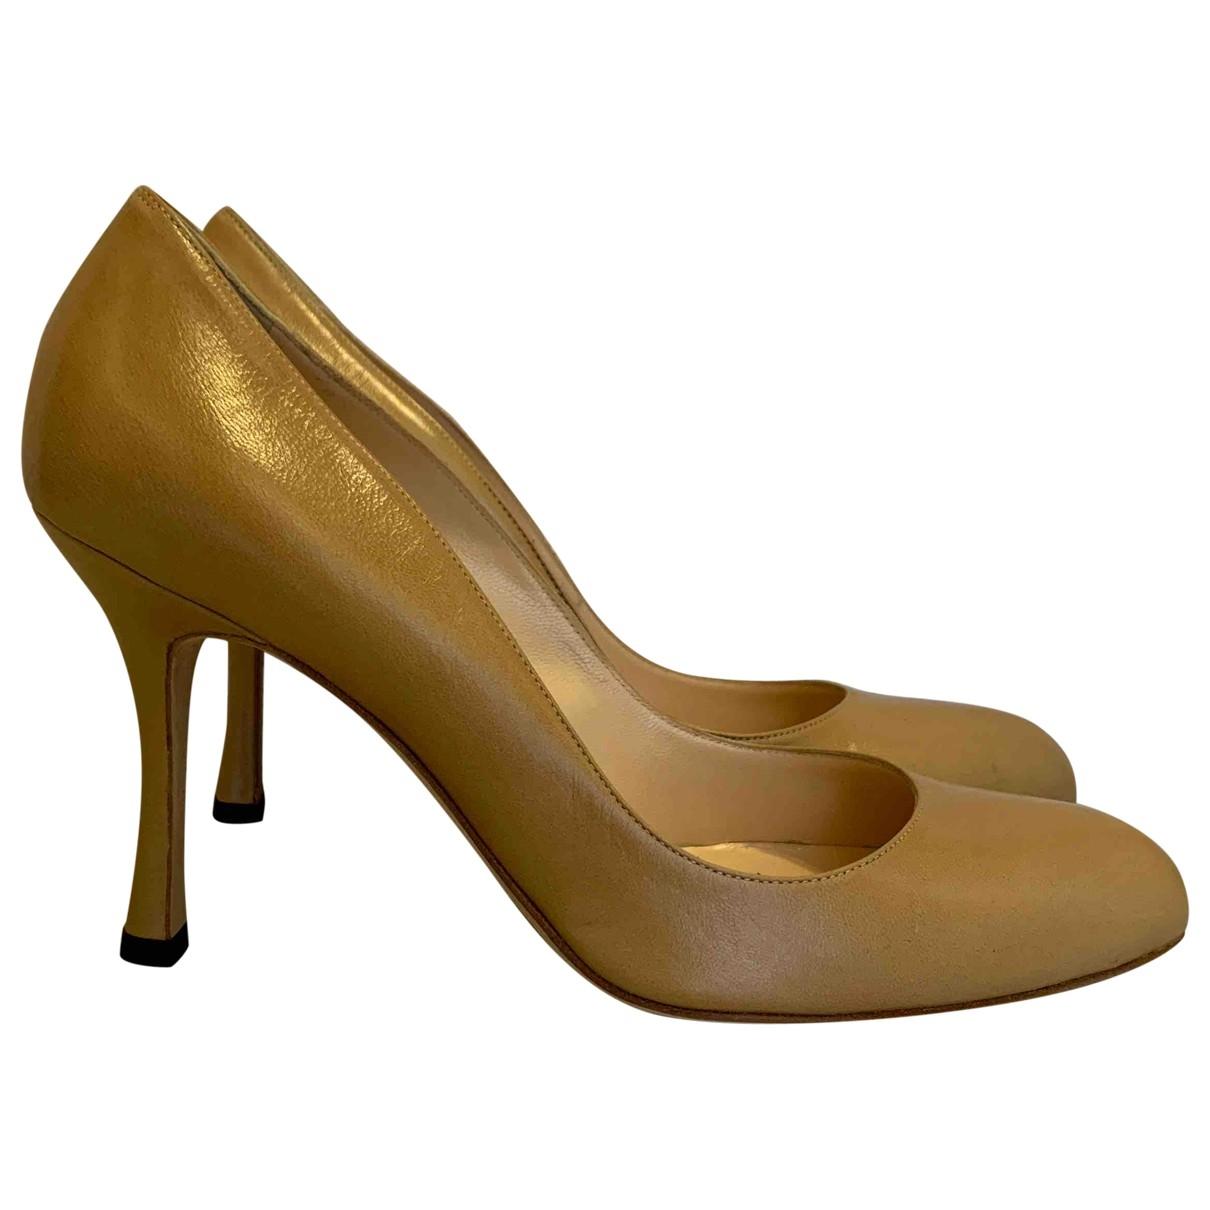 Manolo Blahnik \N Beige Leather Heels for Women 38 EU